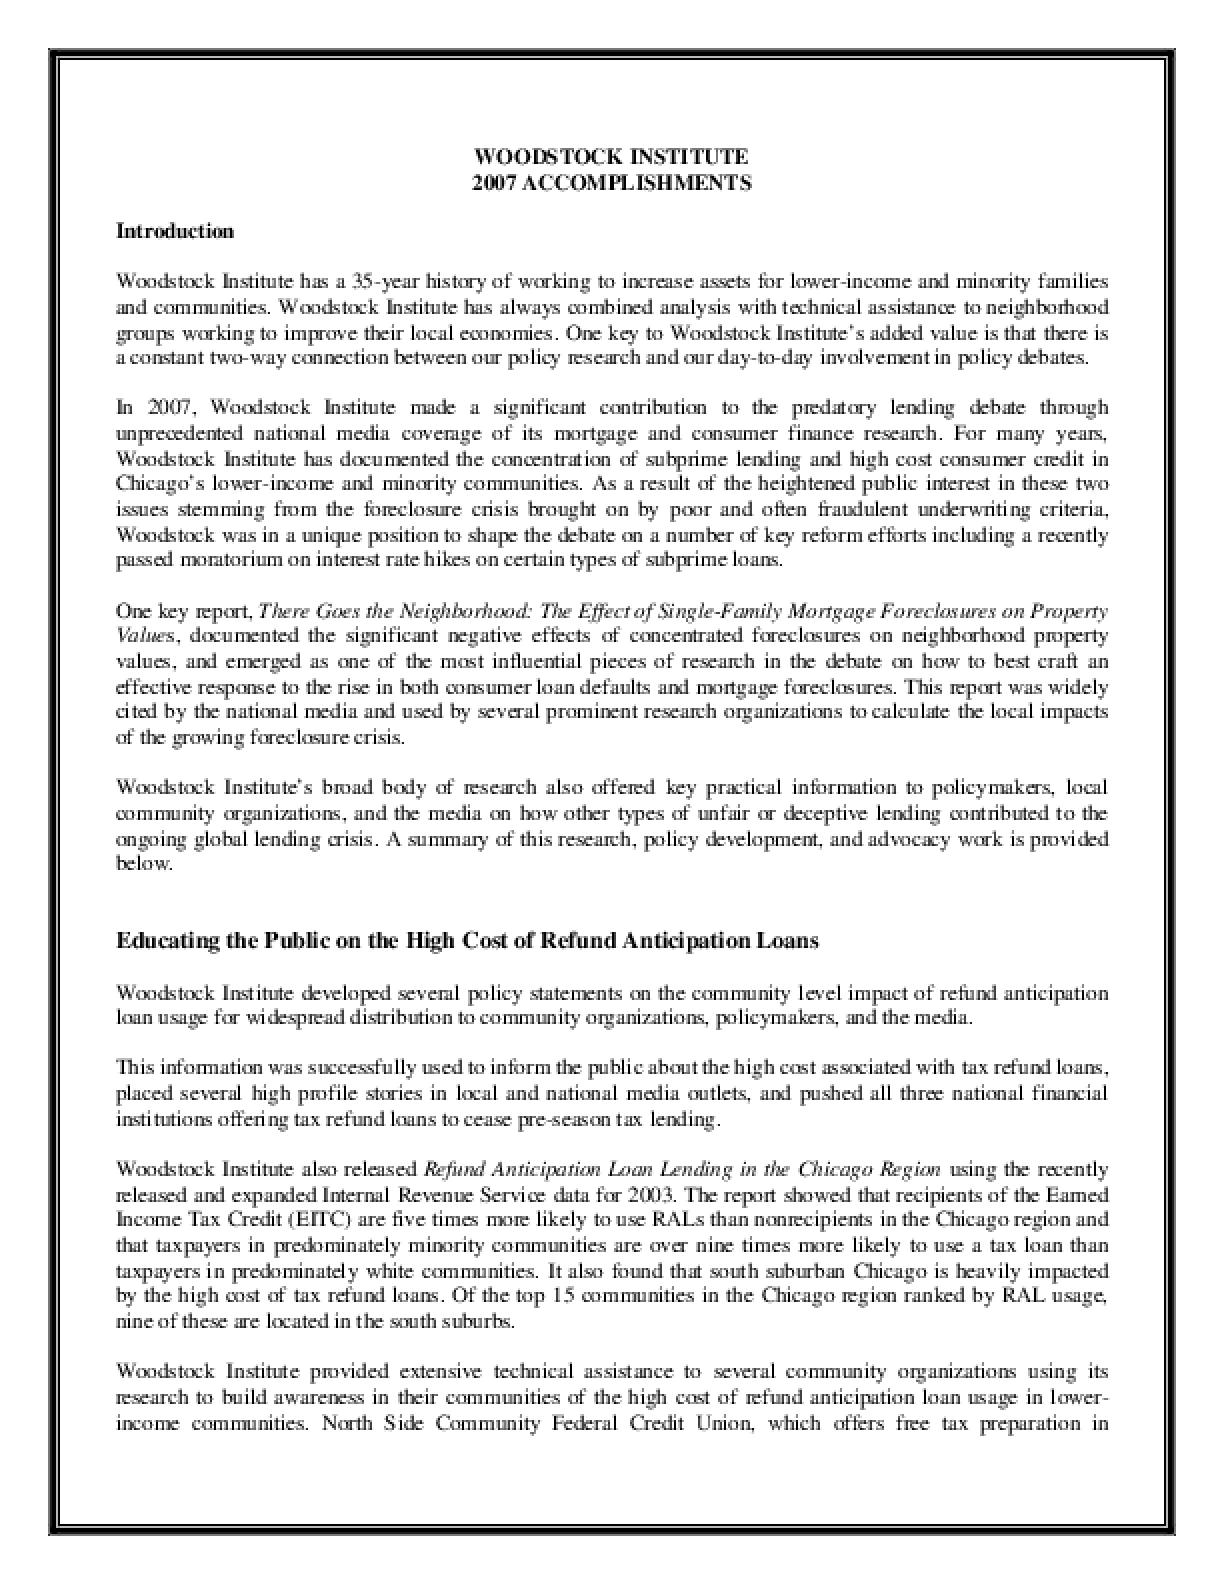 Woodstock Institute 2007 Annual Report